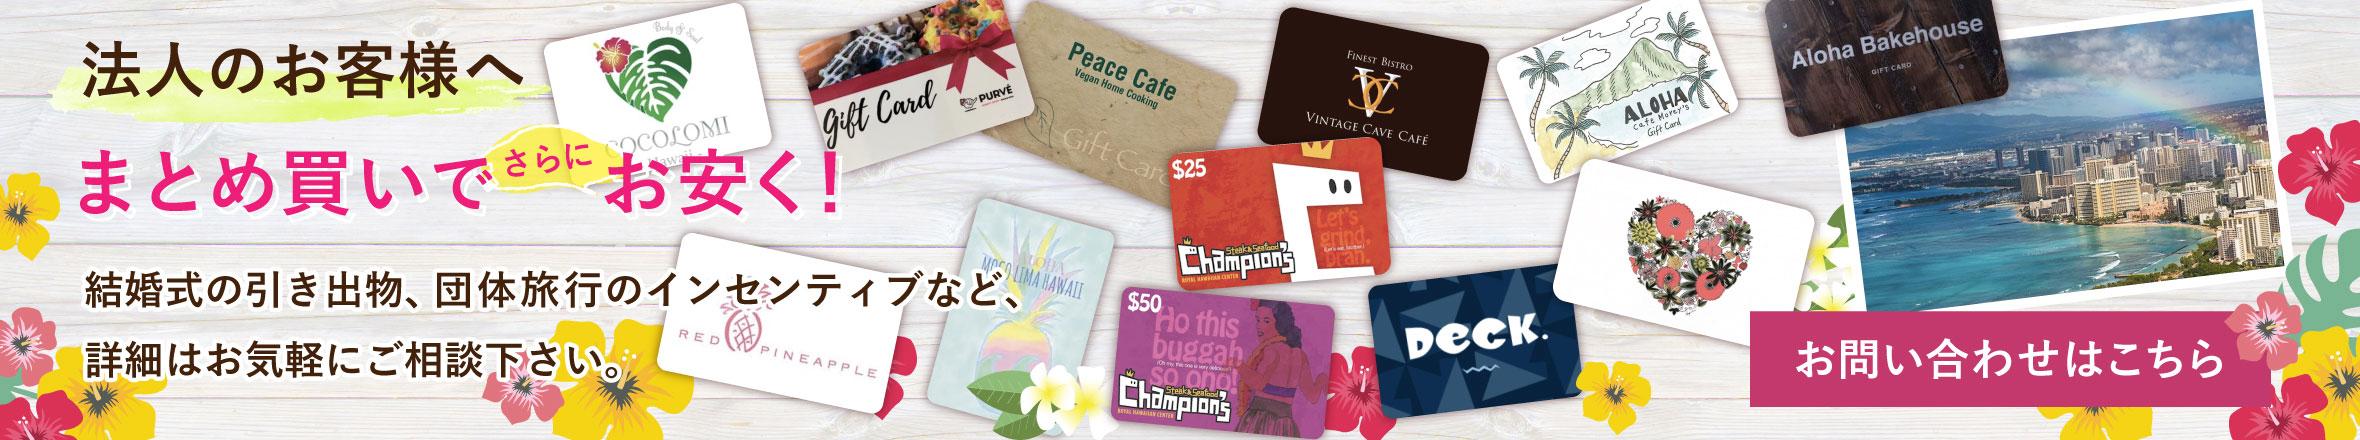 ハワイの人気ショップ・レストランのギフトカード販売サイト   LOCOPAL(ロコパル)